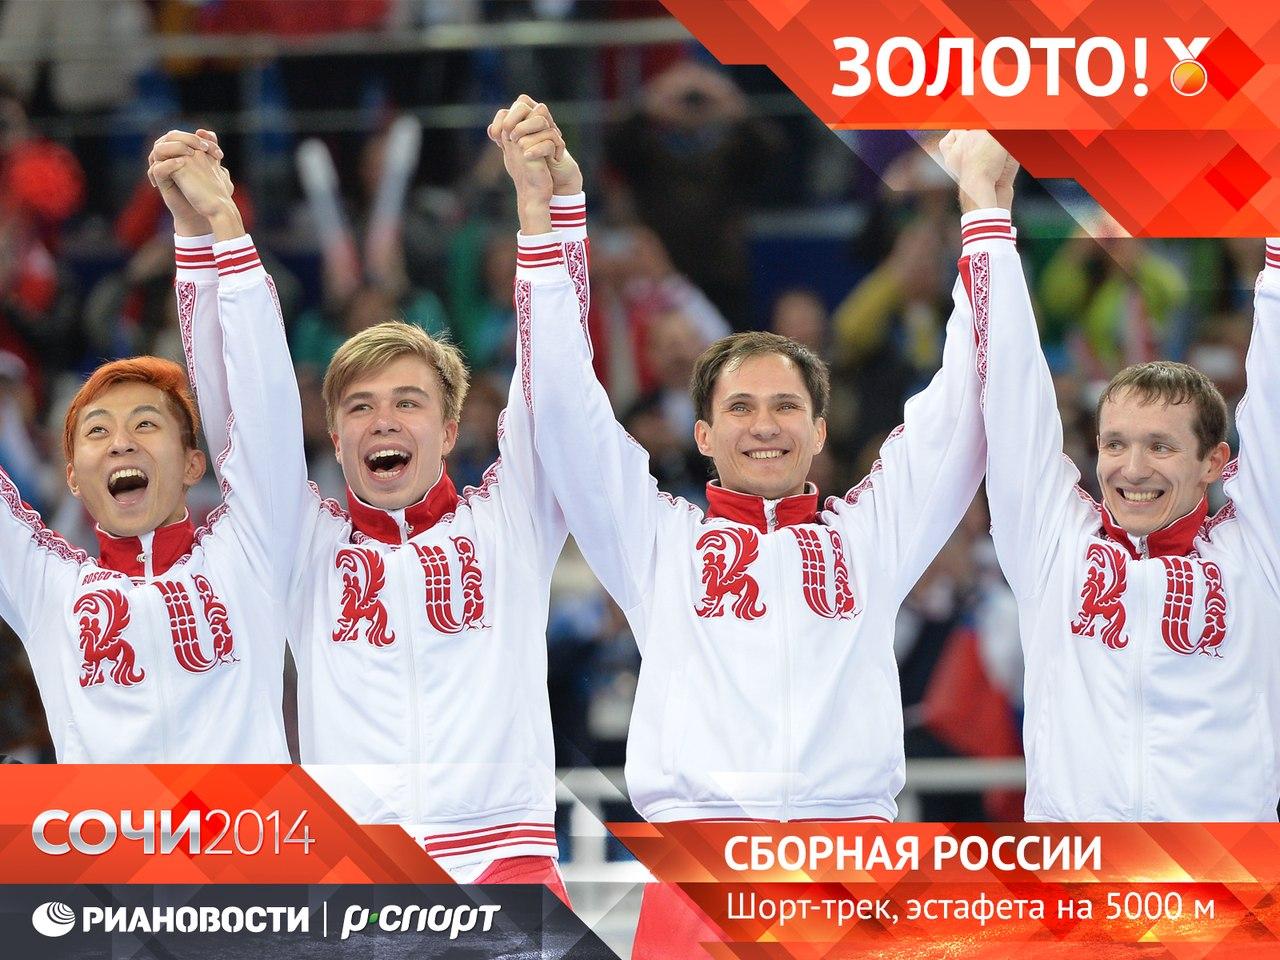 Российские спортсмены олимпийские чемпионы и их фото 3